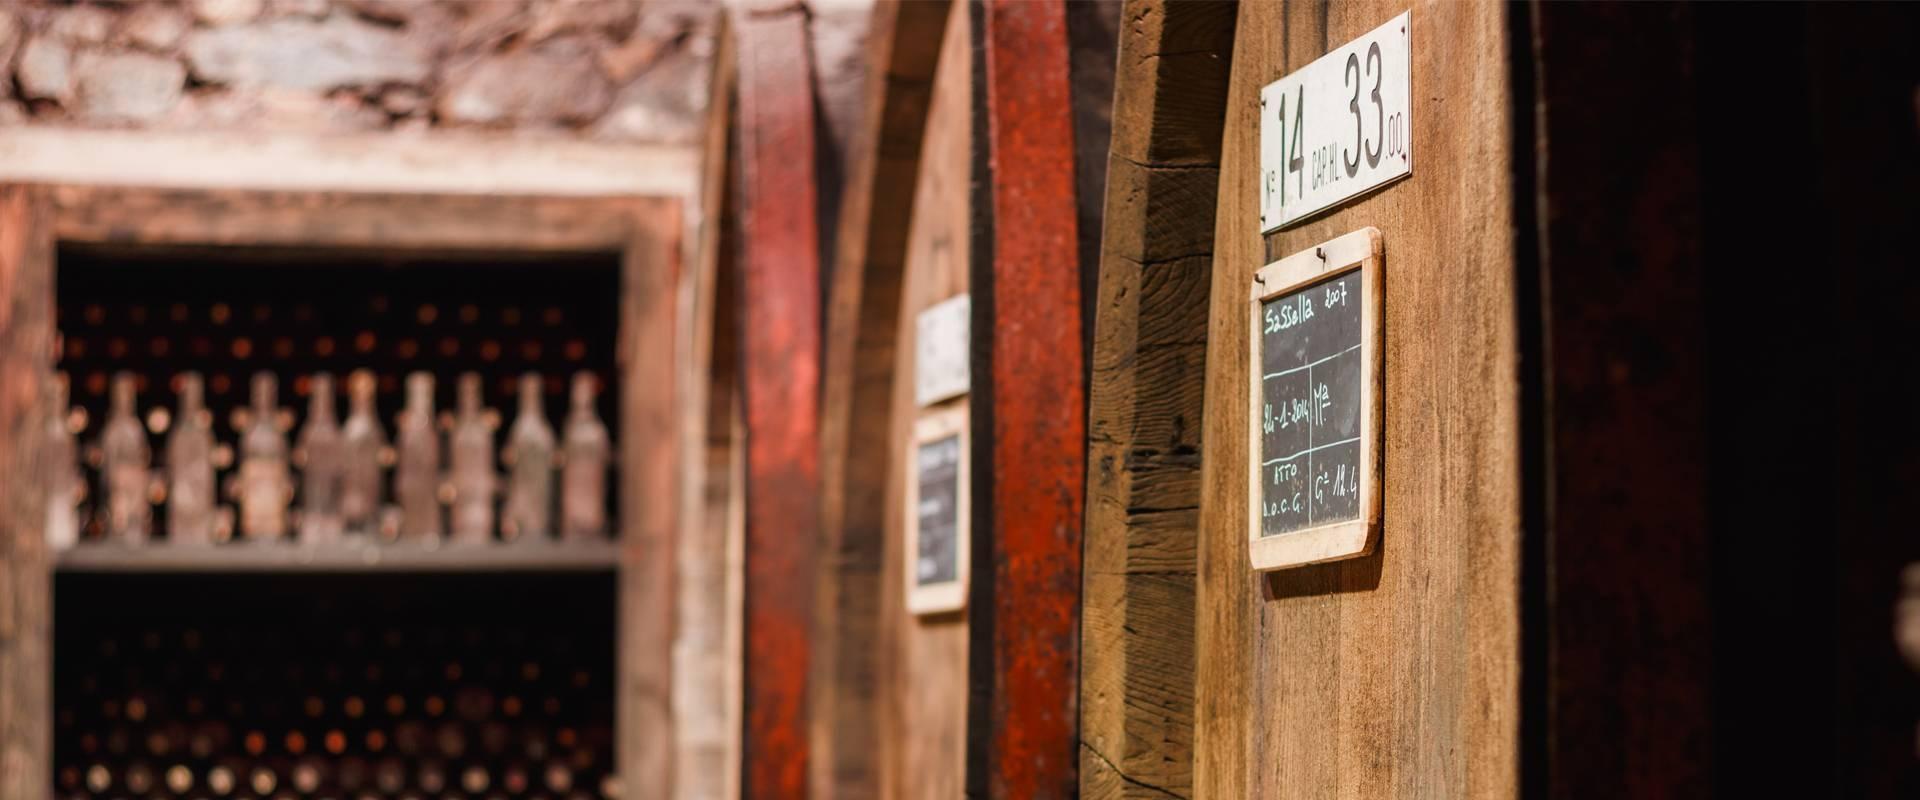 Cantine di produzione di vini valtellinesi